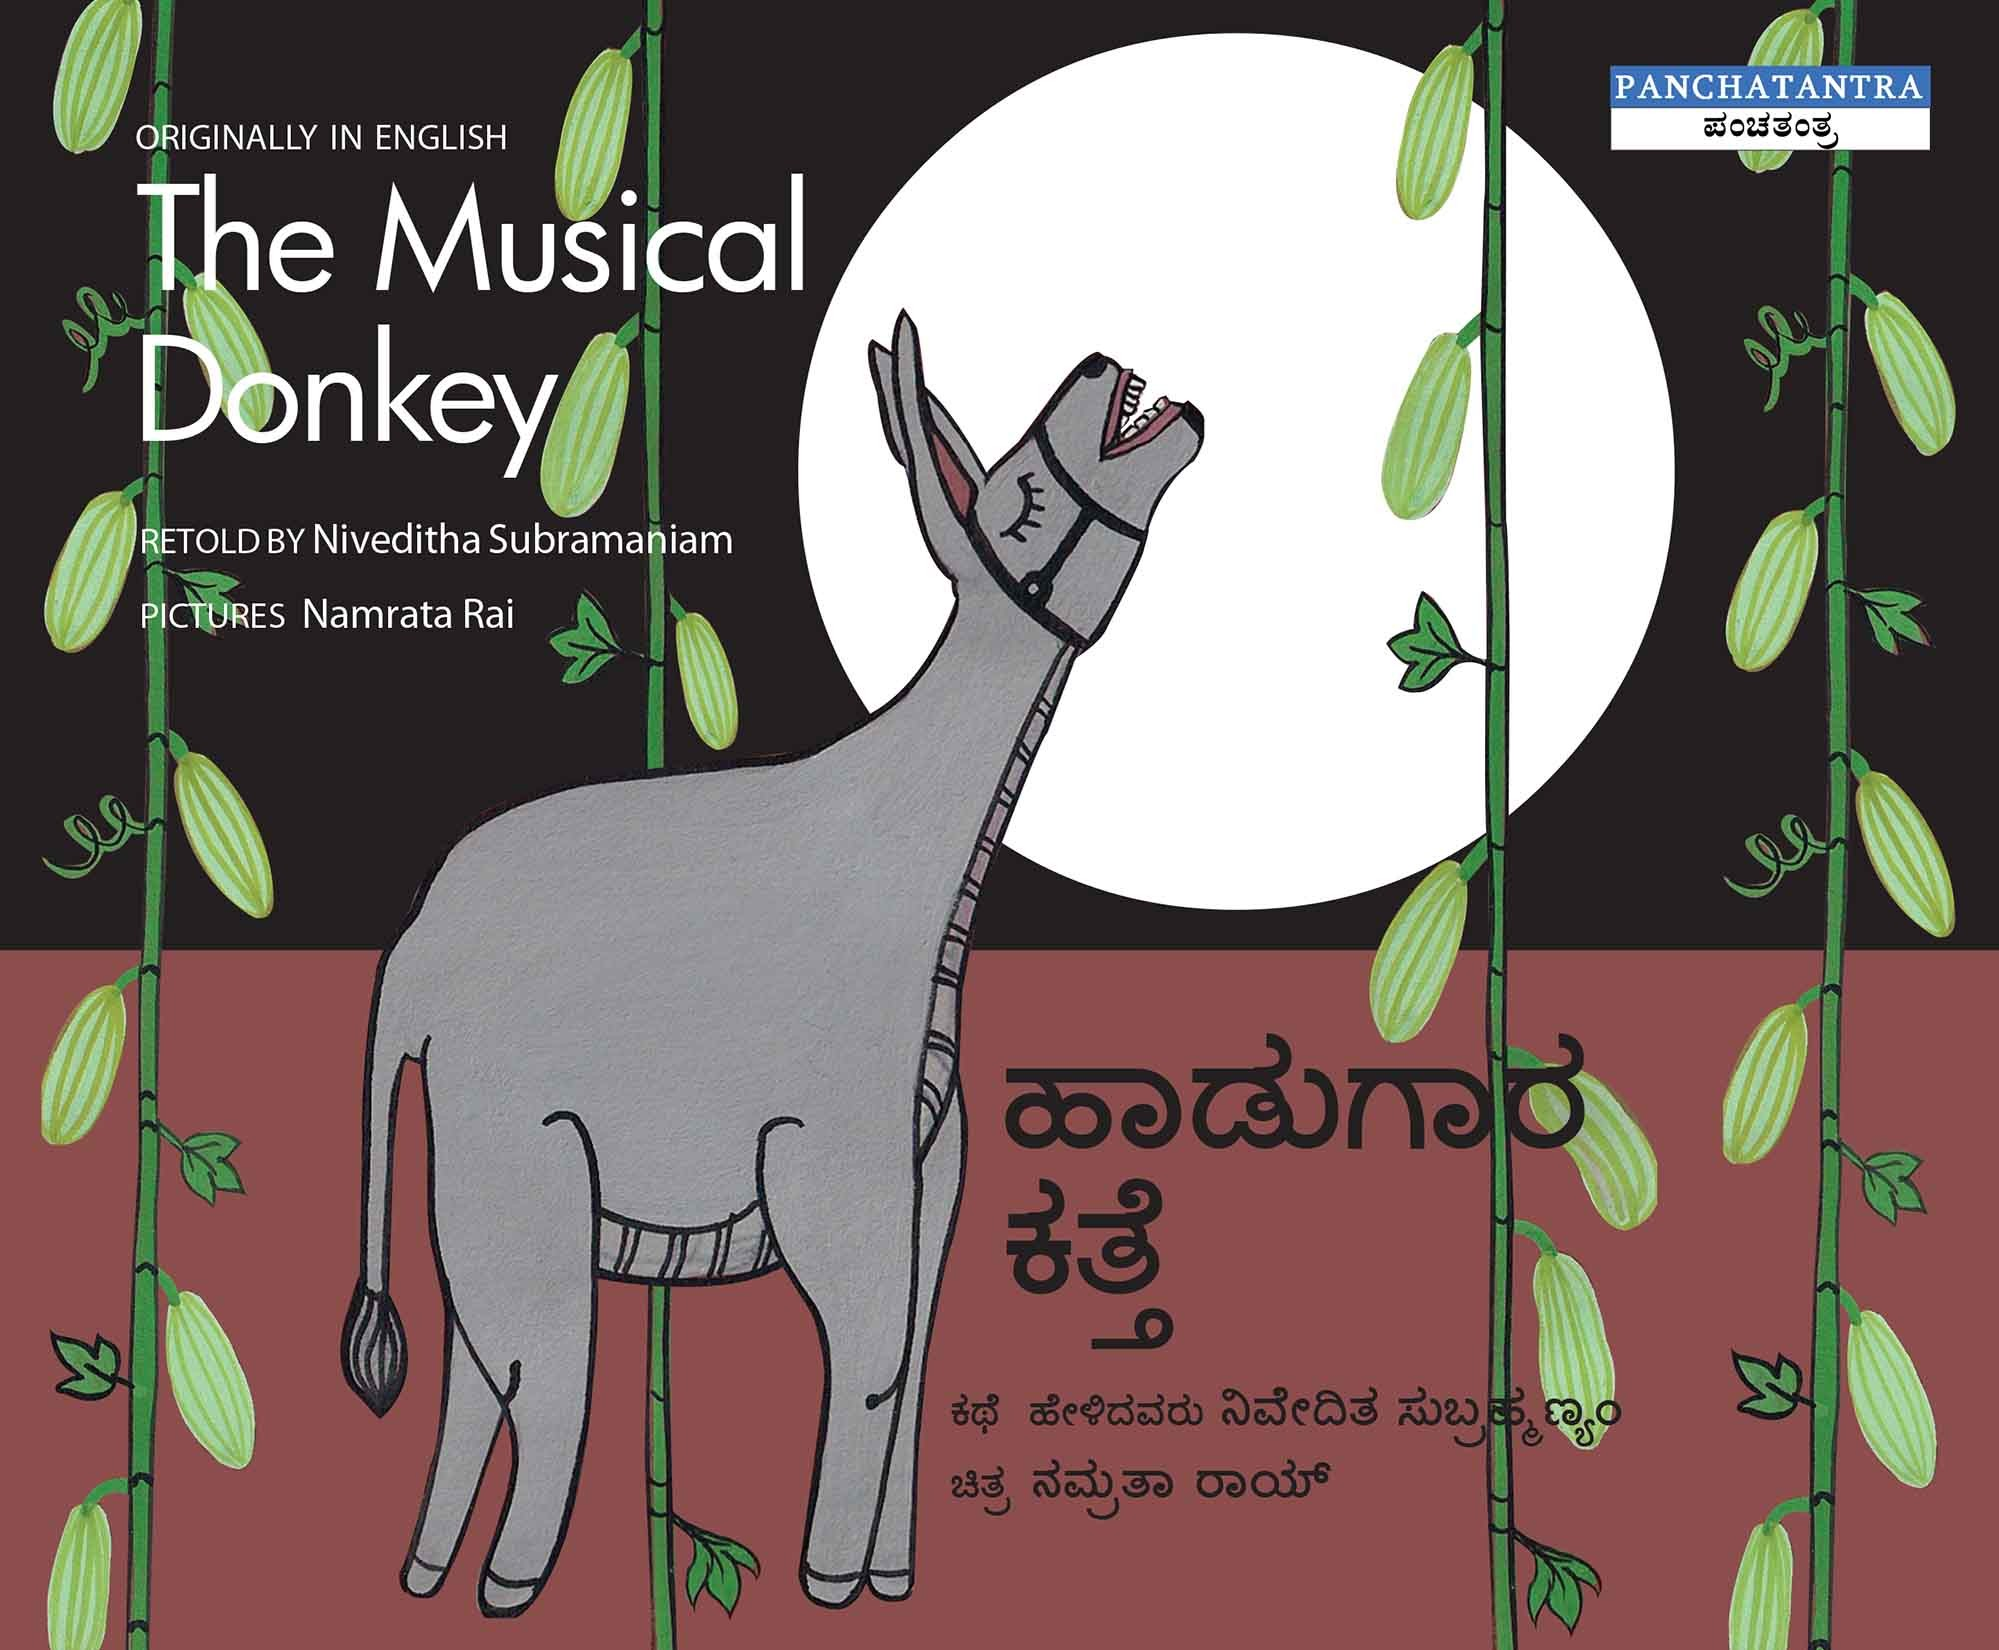 The Musical Donkey/Haadugaara Katte (English-Kannada)